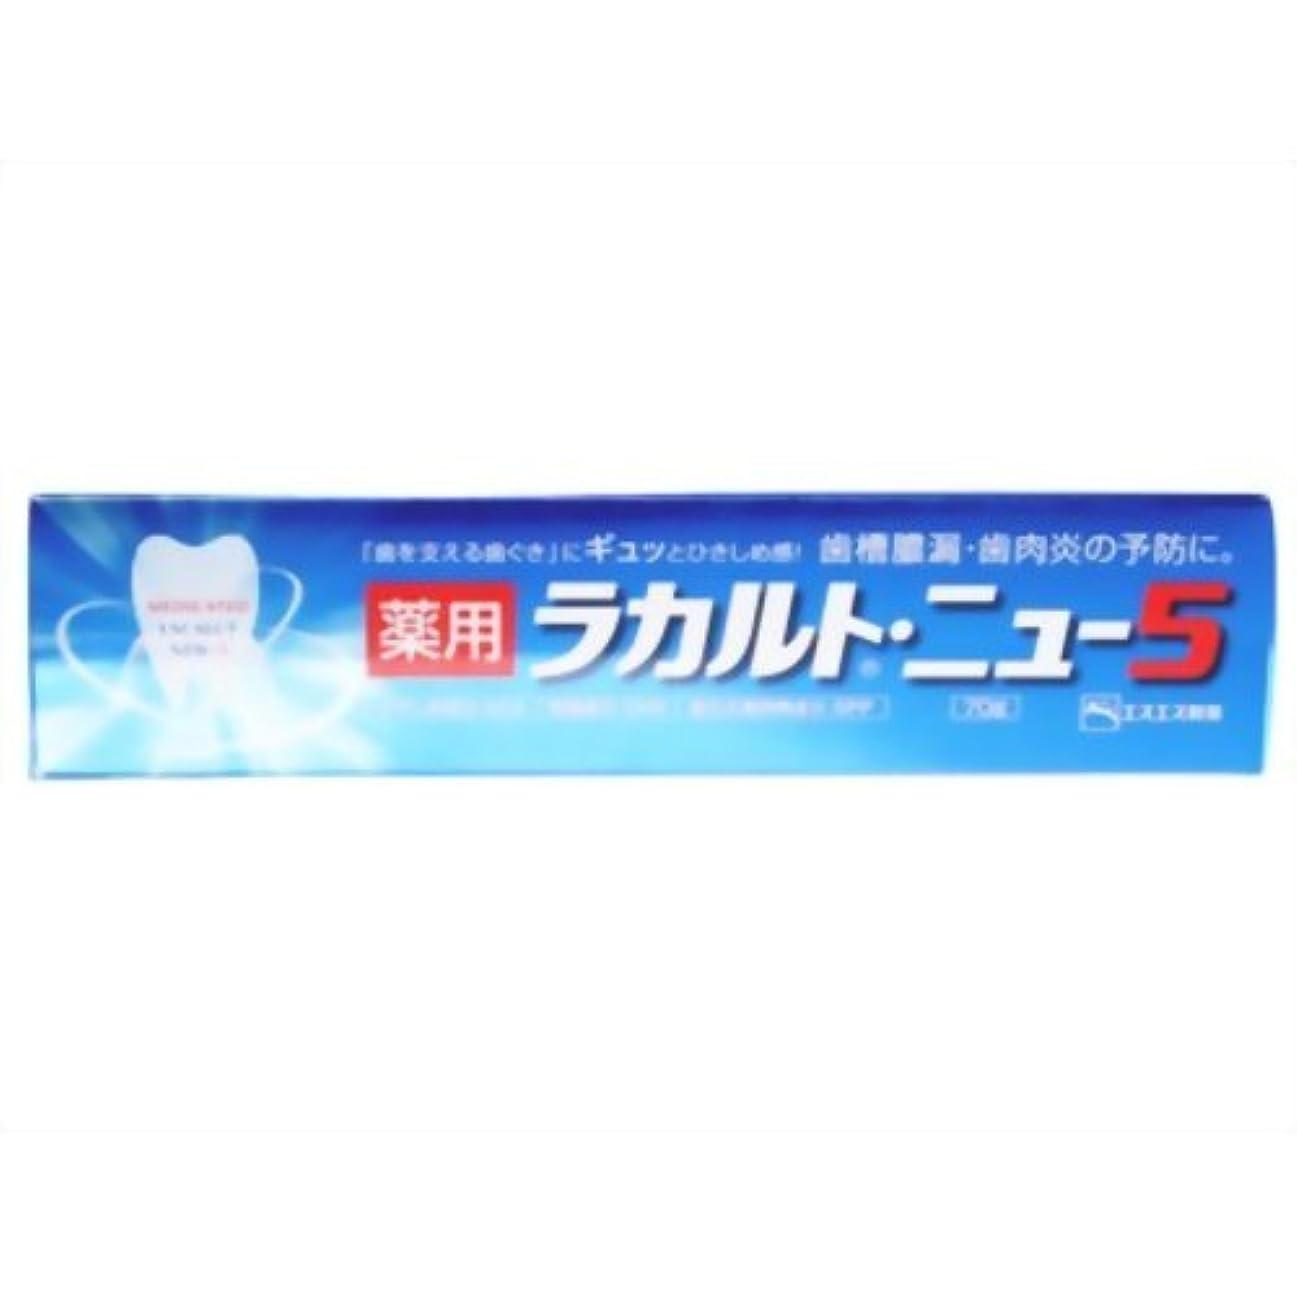 評価列挙する容量【エスエス製薬】薬用ラカルト?ニュー5 70g ×5個セット